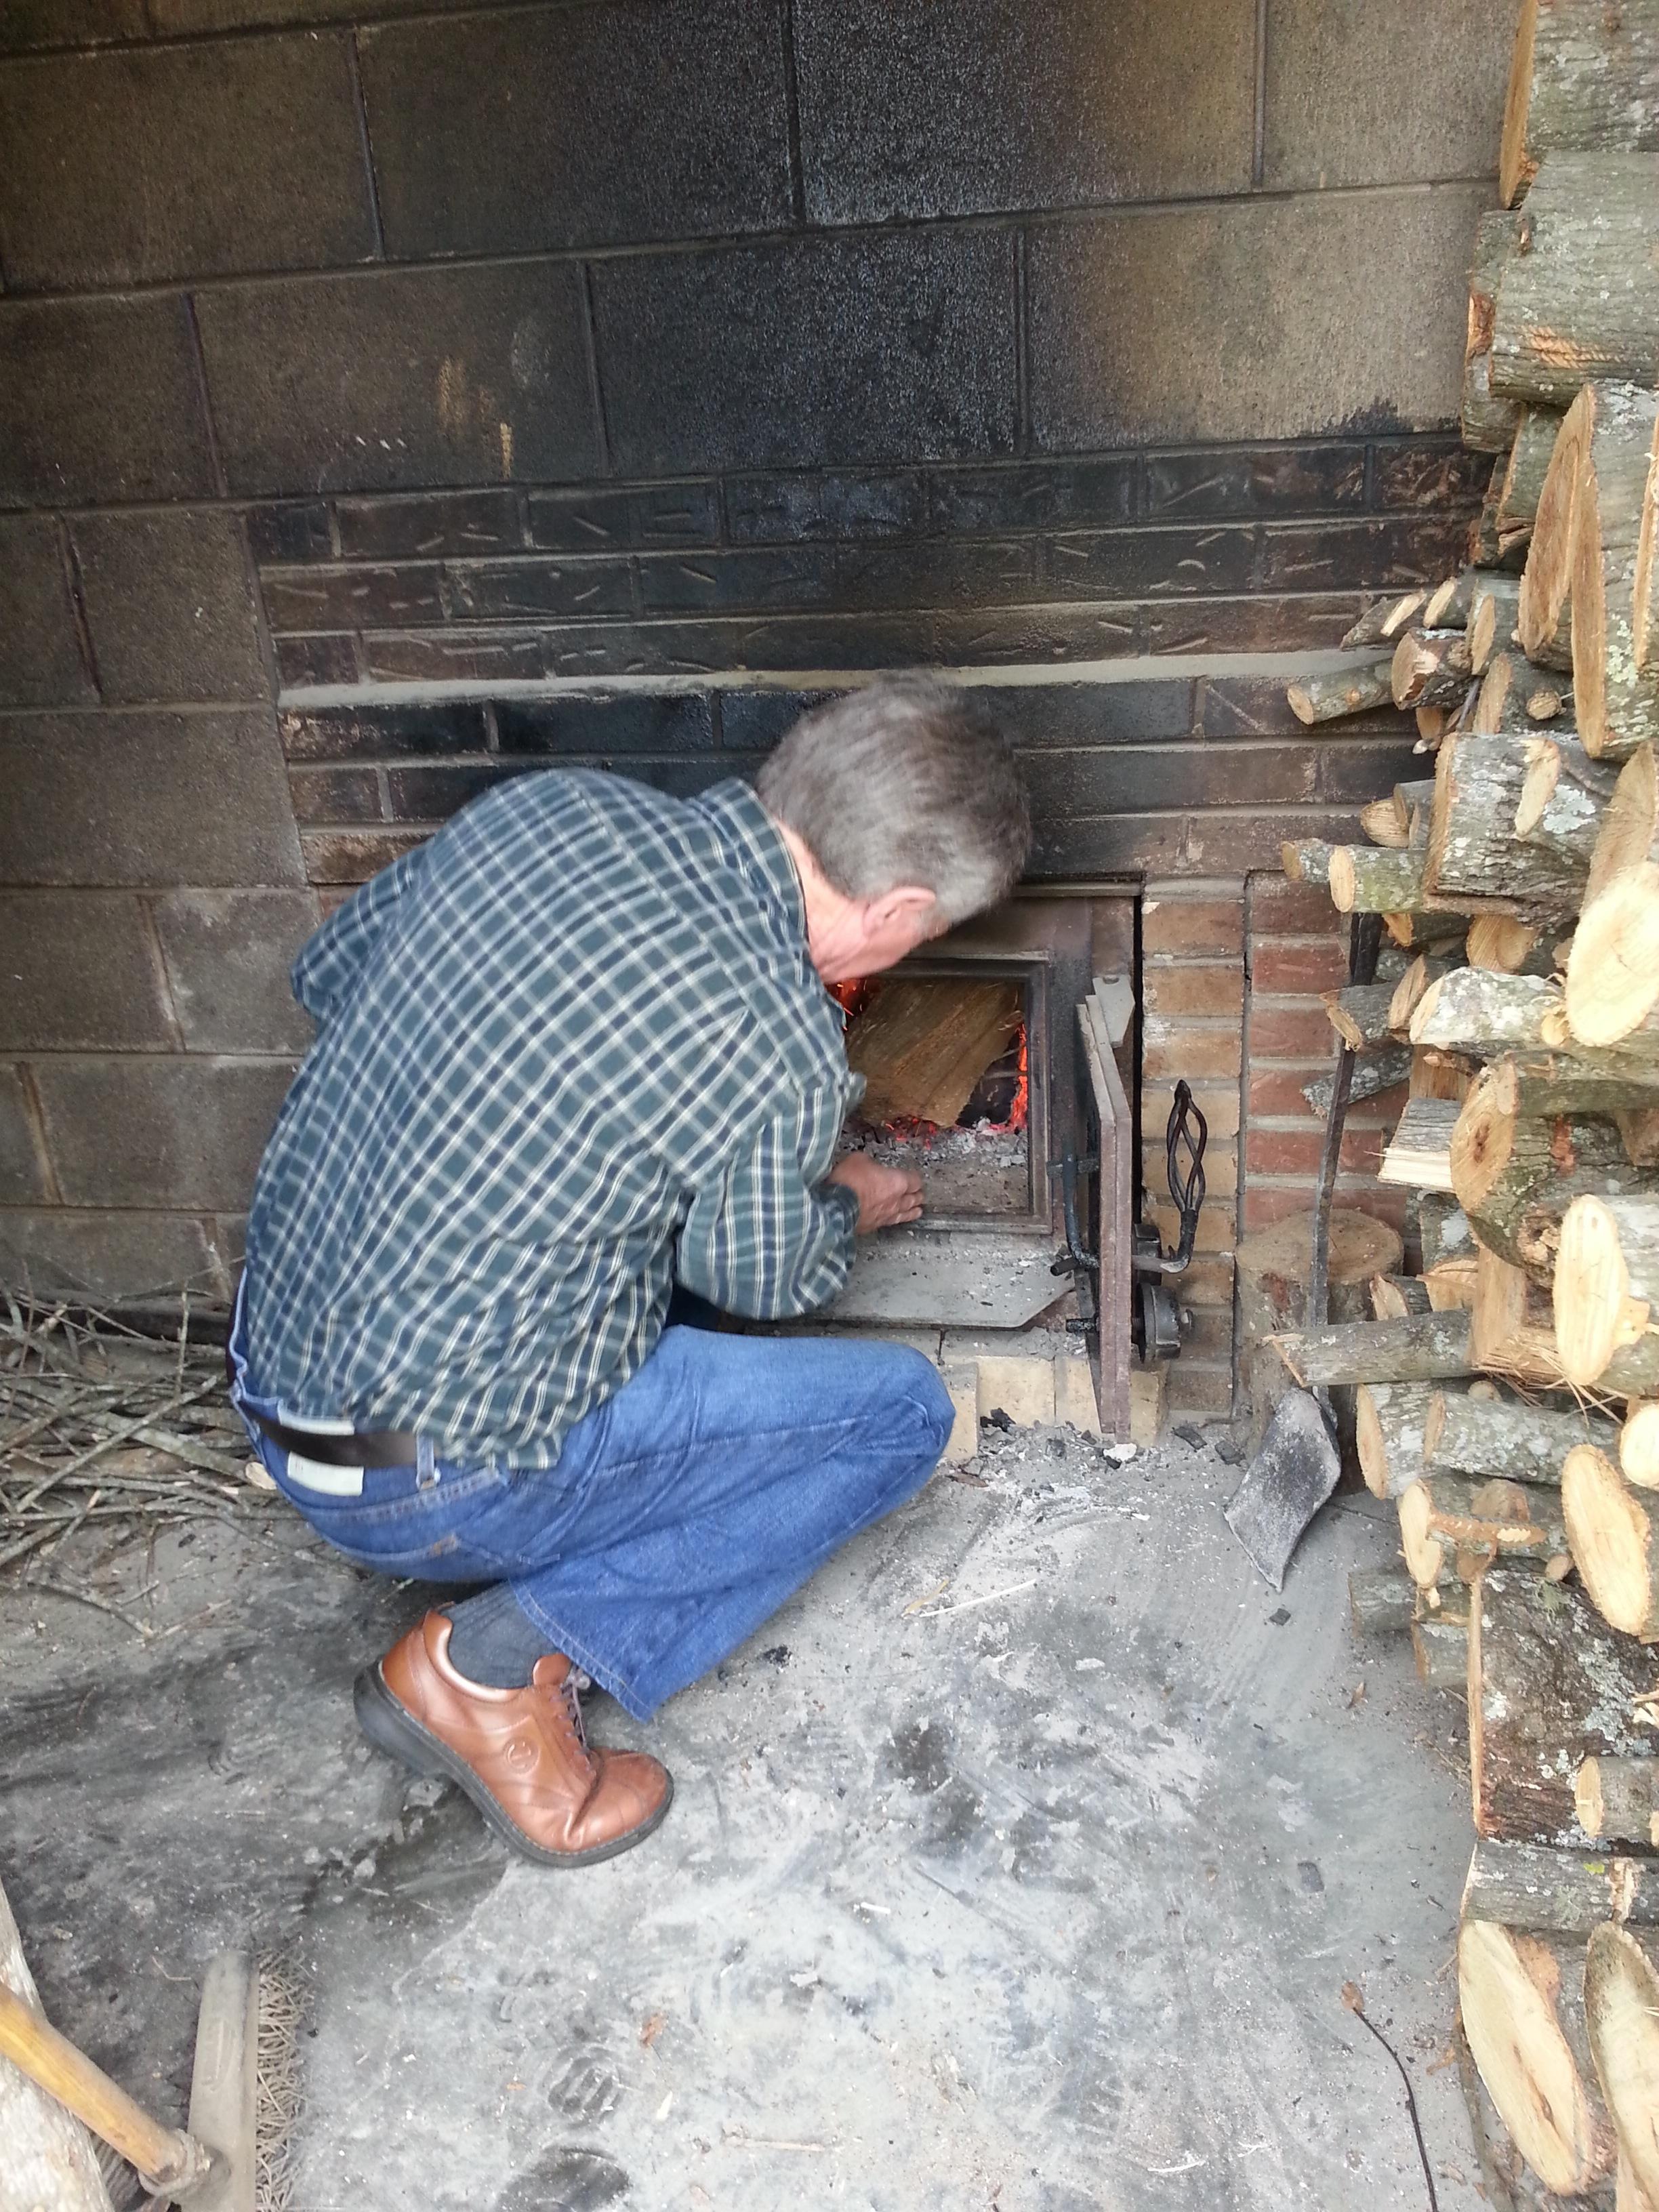 Allan Benton feeding the fire.